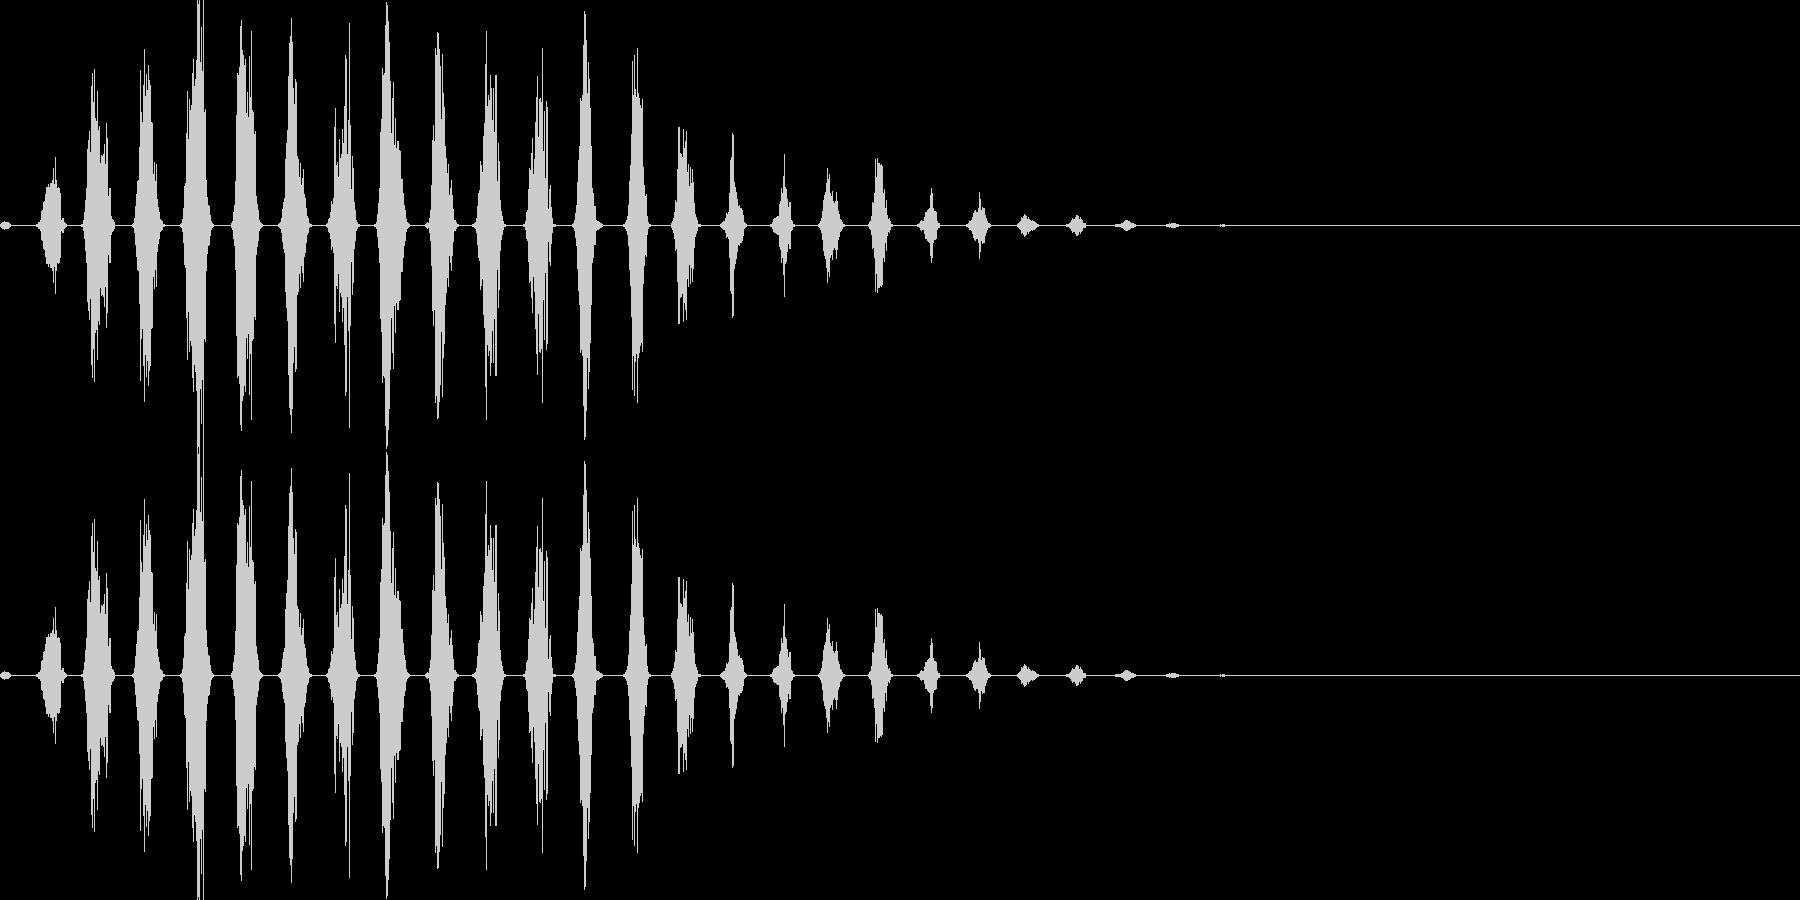 走る音01(可愛いキャラ)の未再生の波形